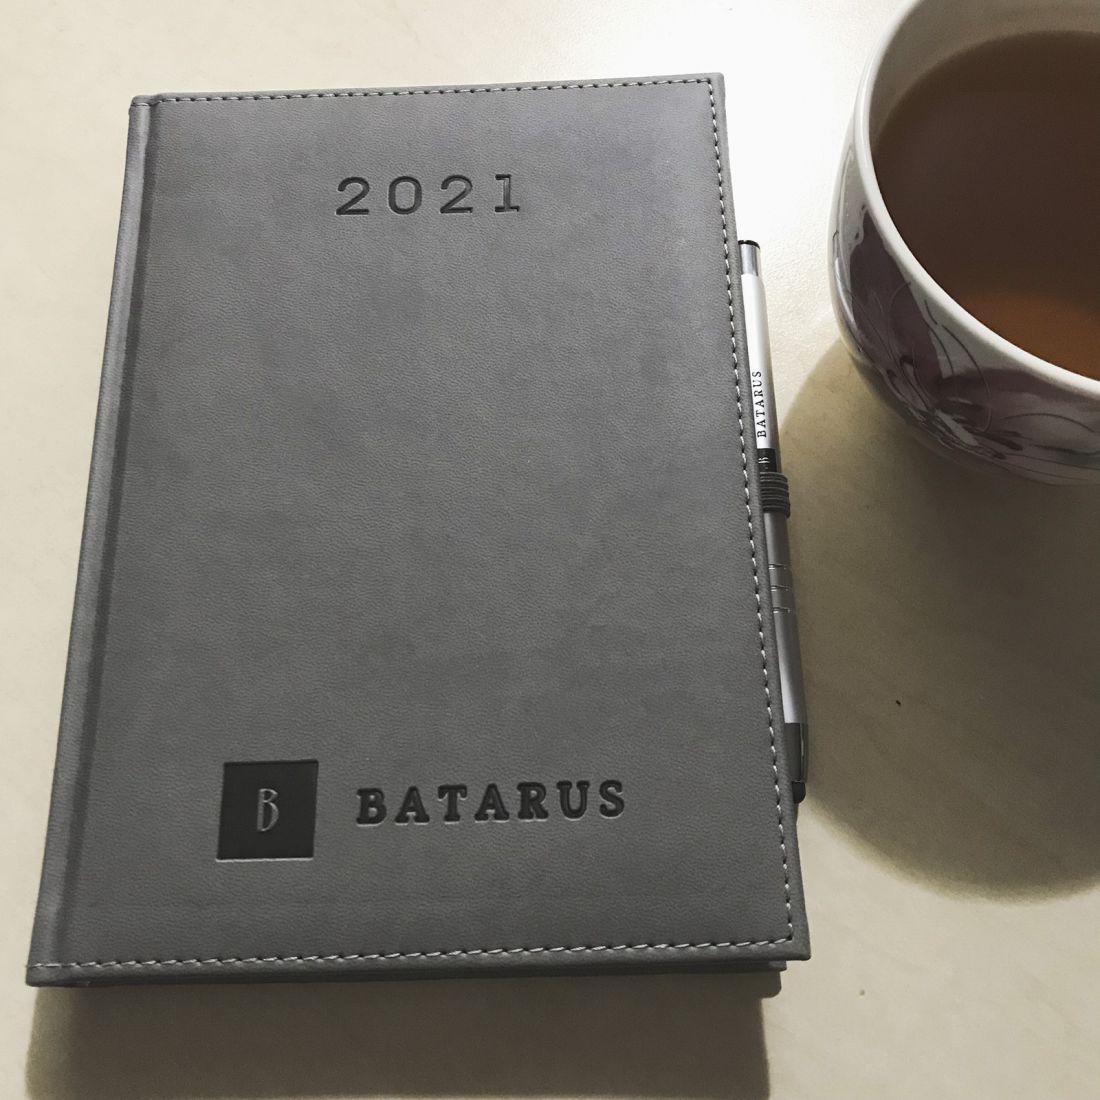 kalendarze książkowe z logo Batarus